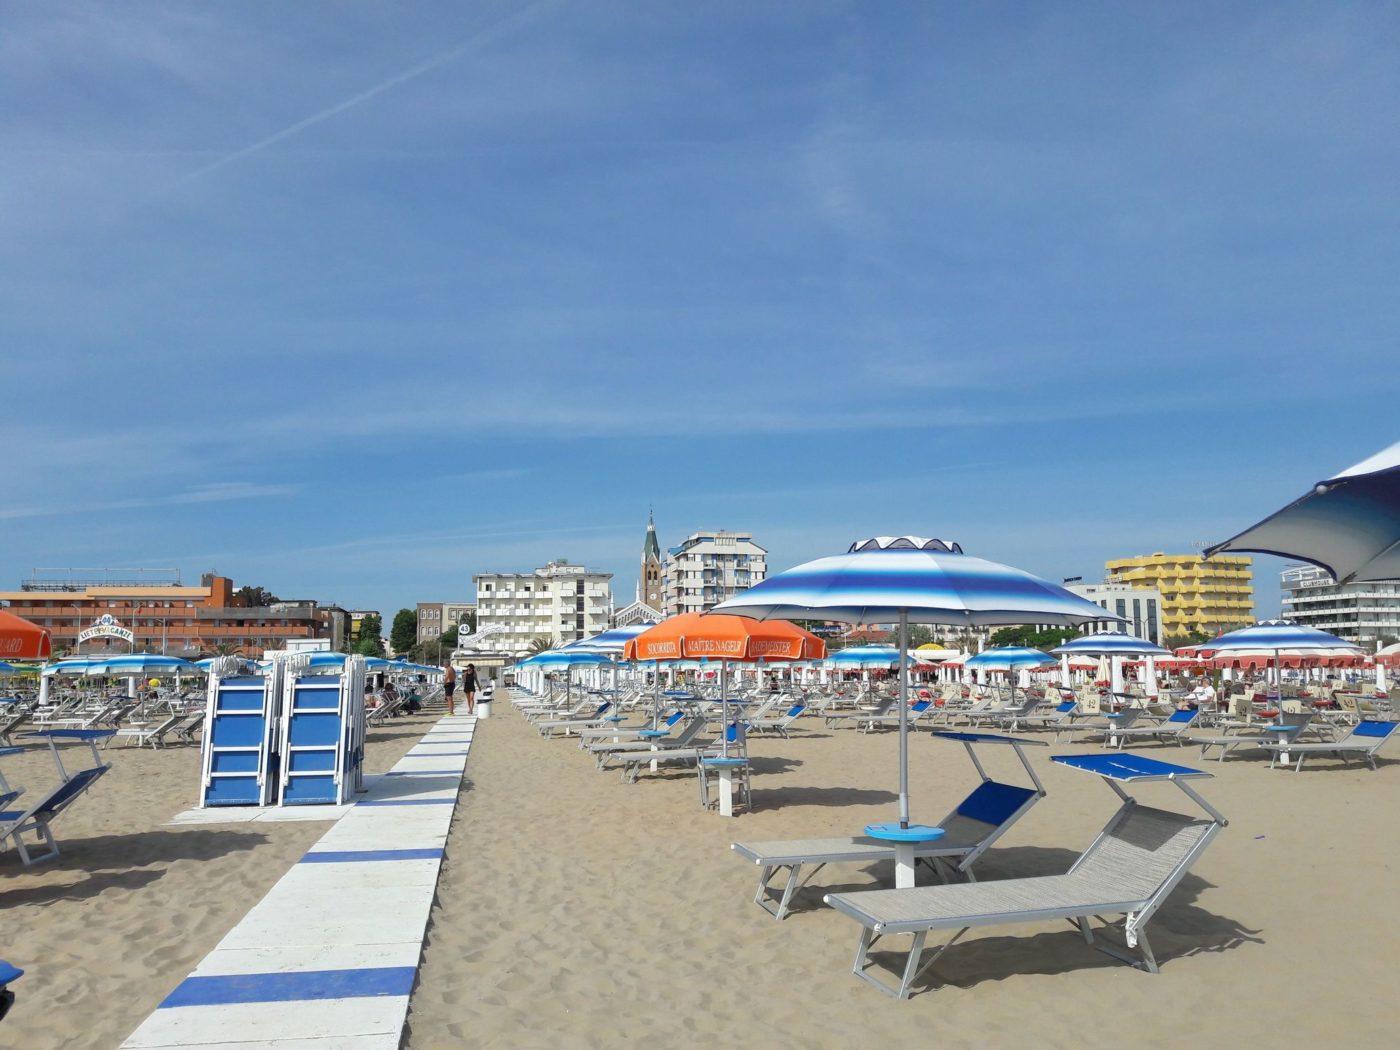 La spiaggia di Rimini, nota località della Romagna